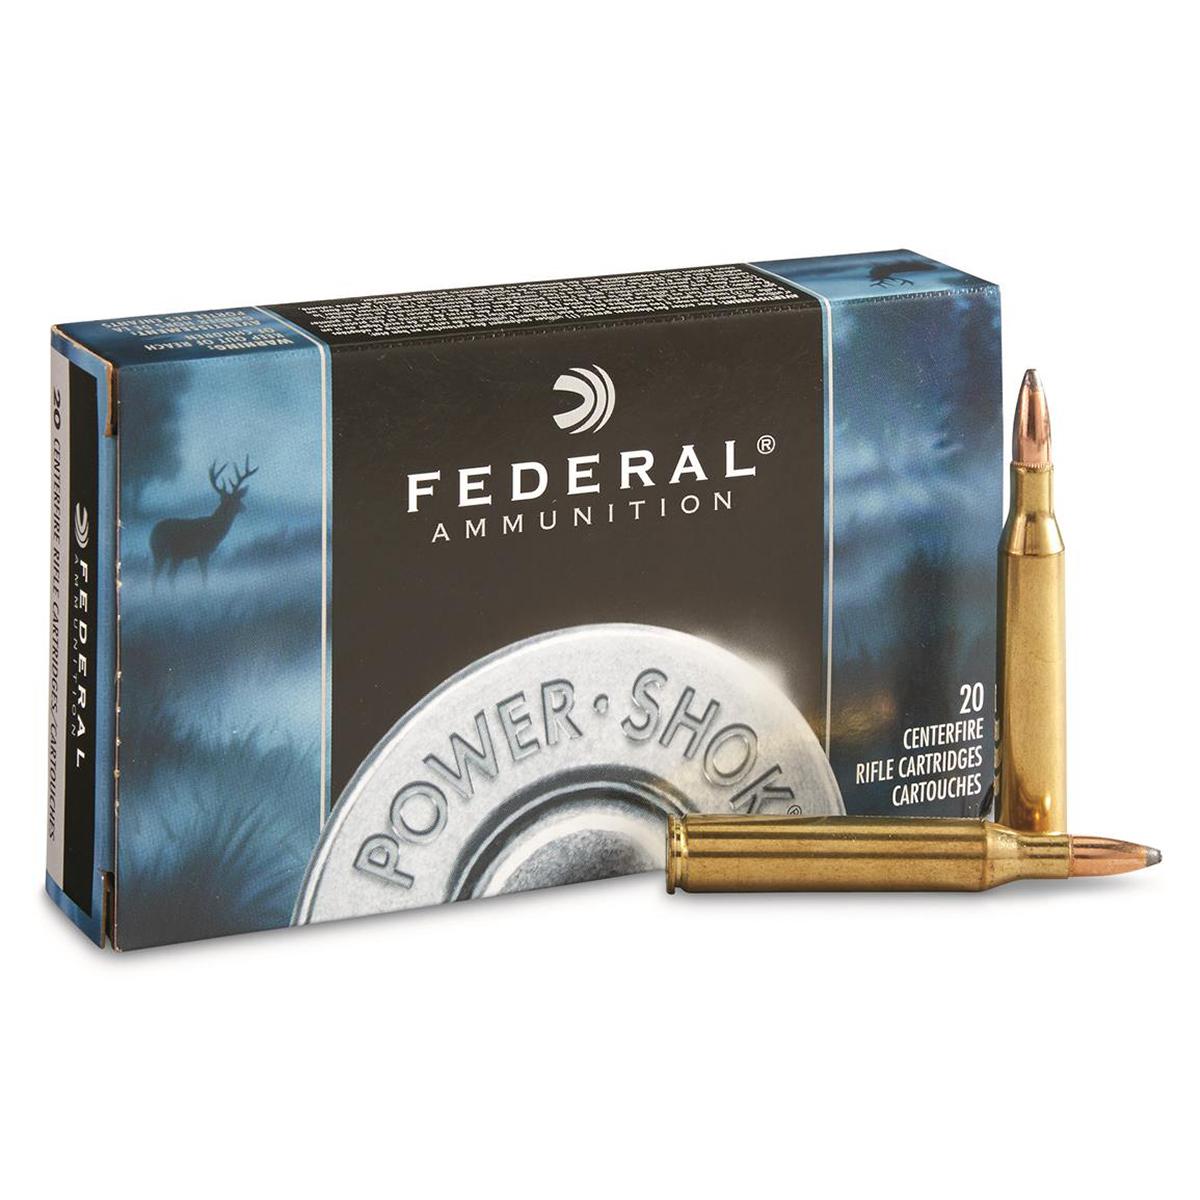 Federal Power-Shok Rifle Ammo, 7mm Rem Mag, 175-gr, JSP